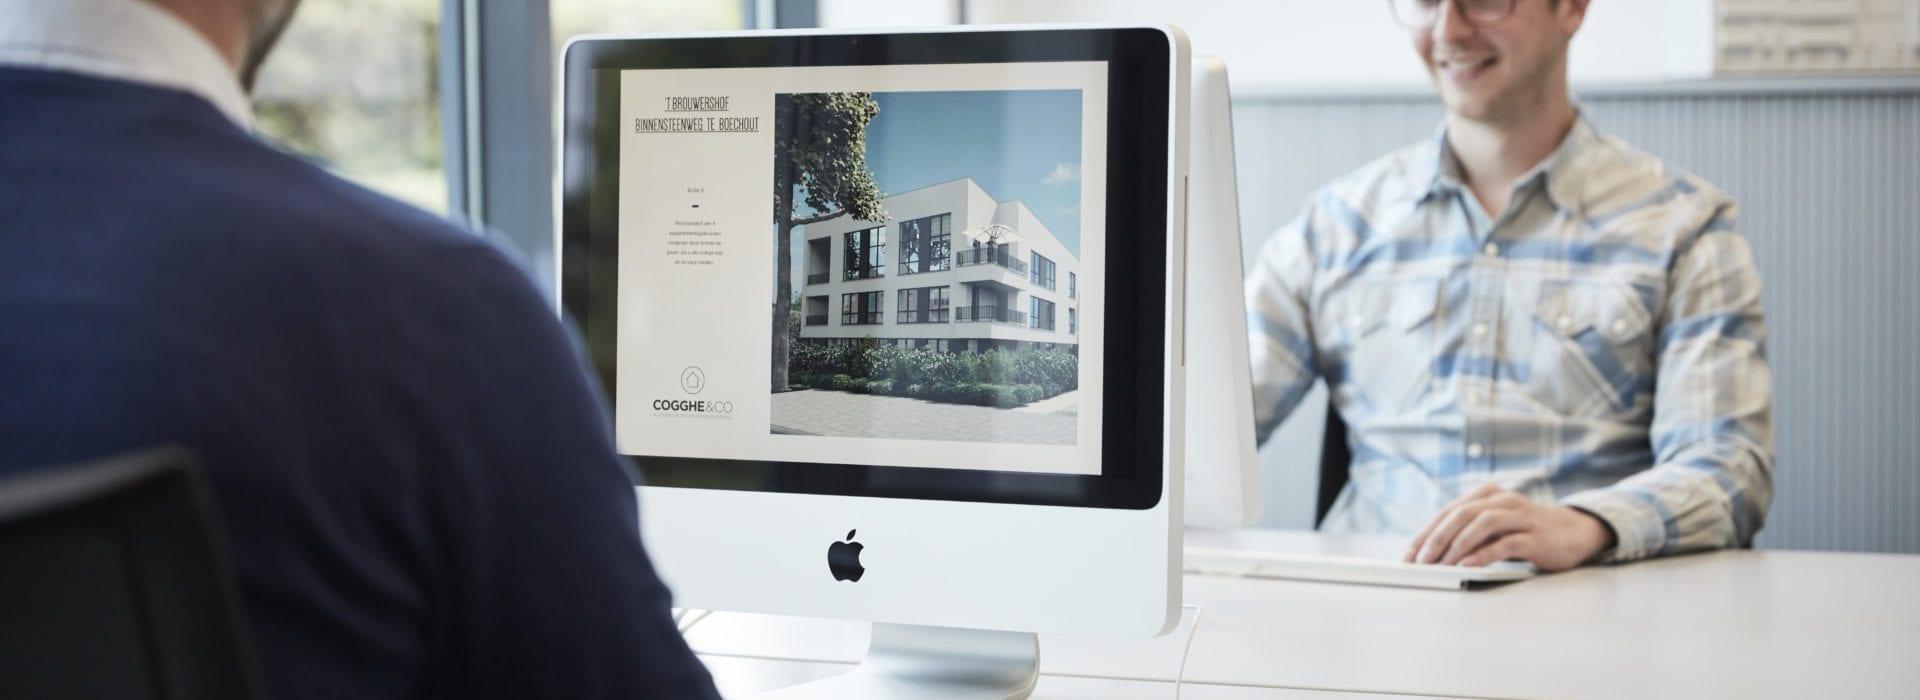 Daarom is Cogghe & Co de juiste keuze voor uw nieuwbouwwoning